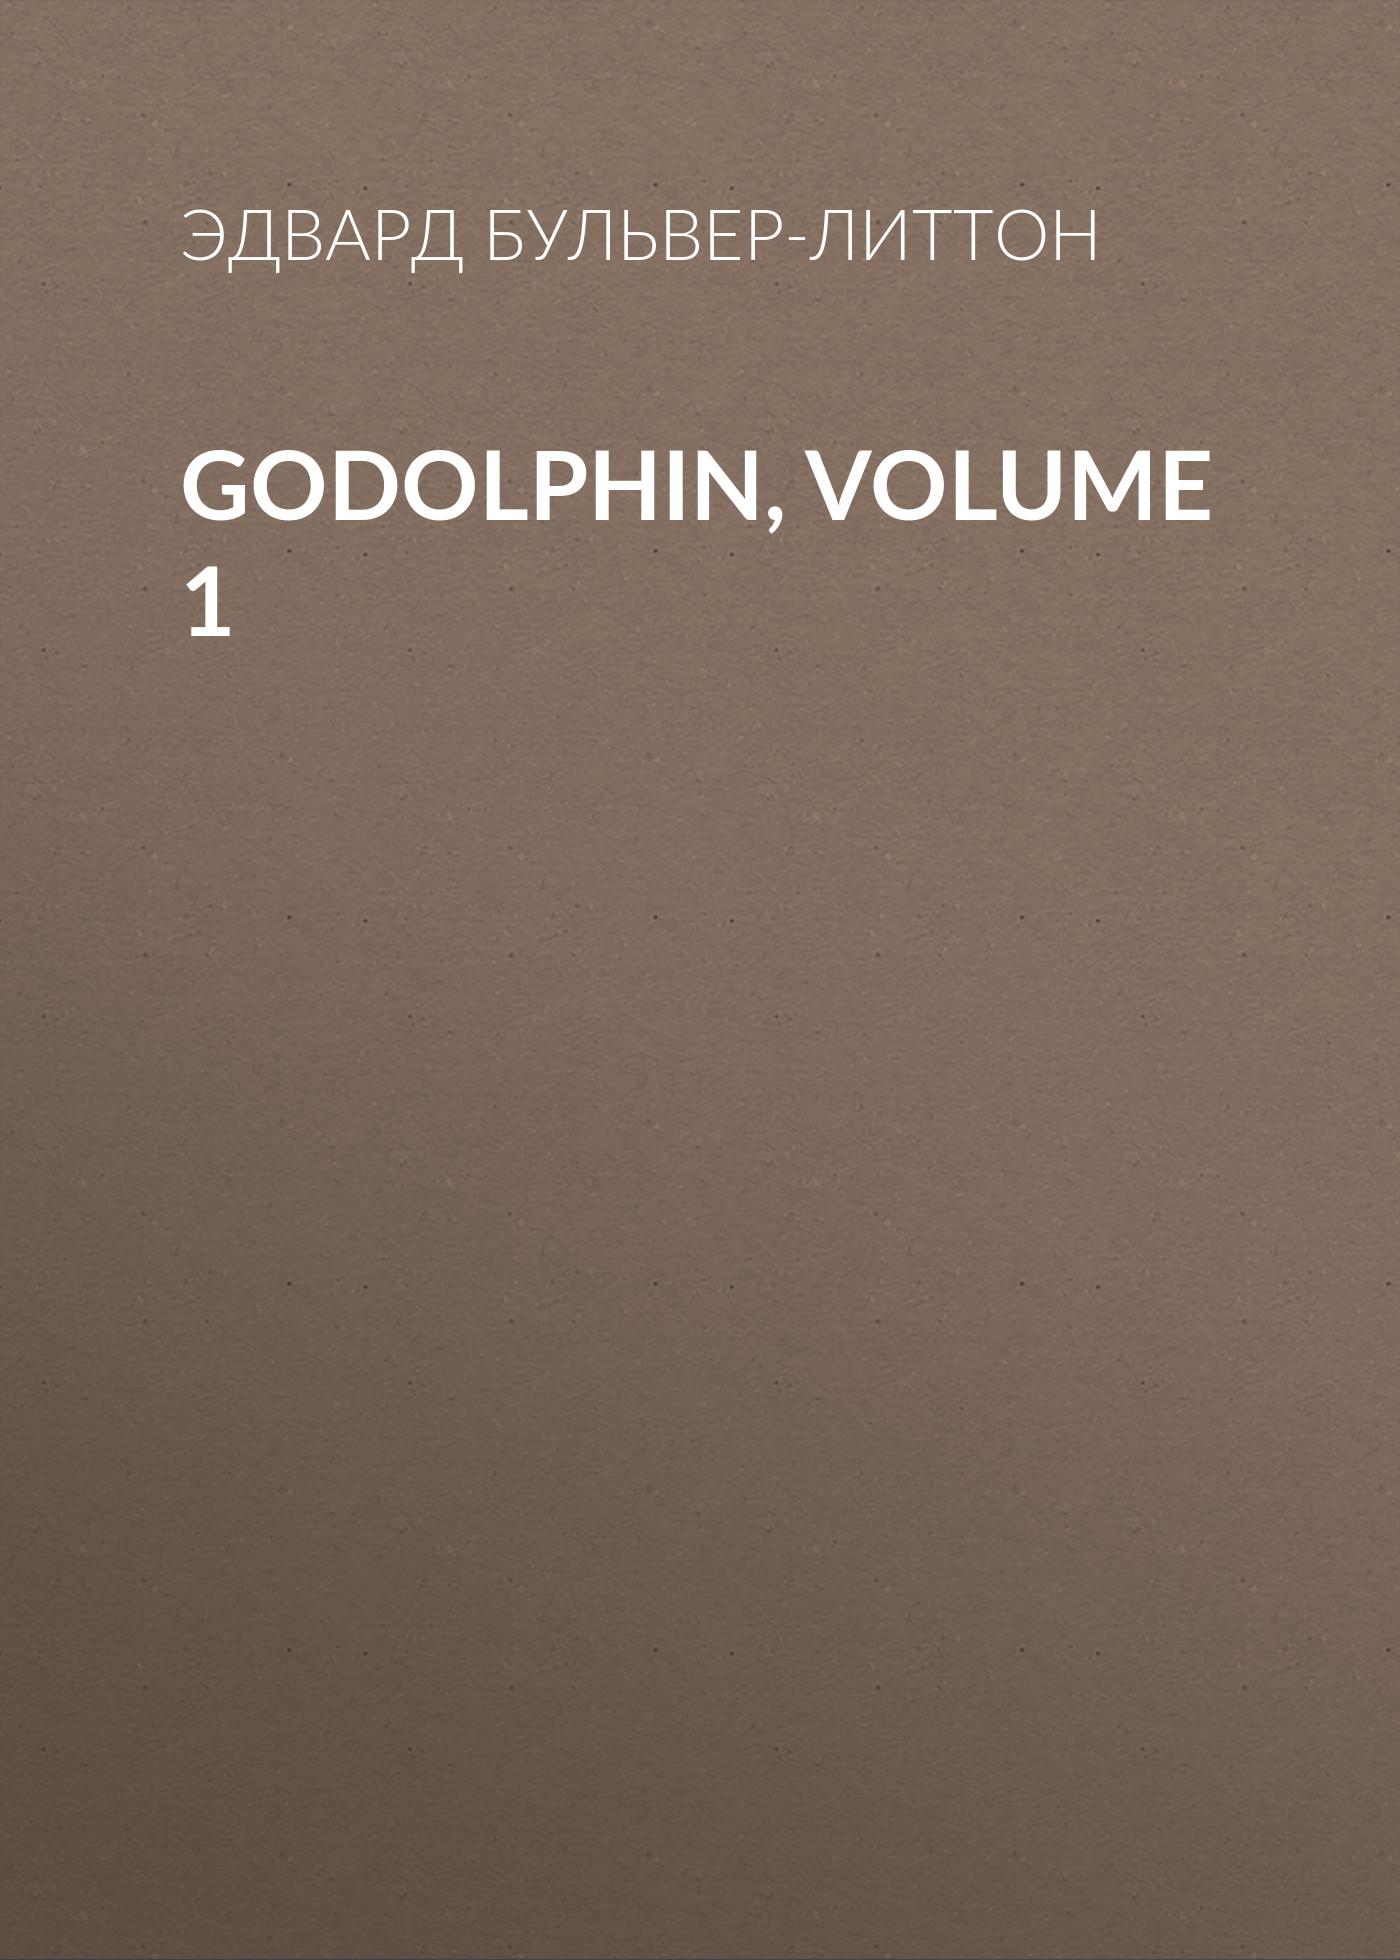 Эдвард Бульвер-Литтон Godolphin, Volume 1 эдвард бульвер литтон godolphin volume 2